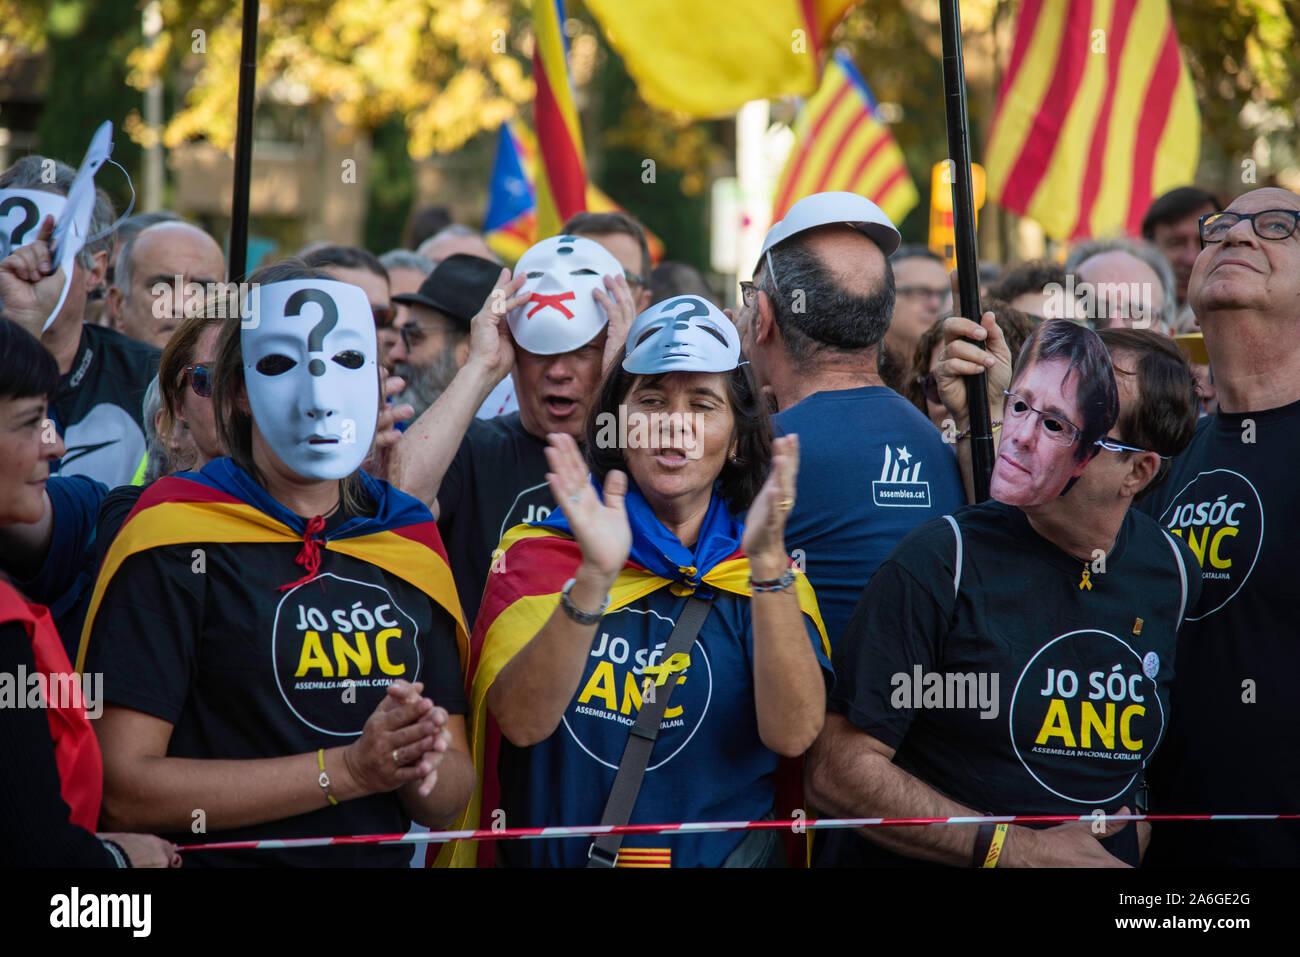 Barcelona Cataluña el dia 26 de octubre 2019 la asociaciones separatista se manifiesta en Barcelona con el lema libertad presos políticos BCN 2019 Foto de stock